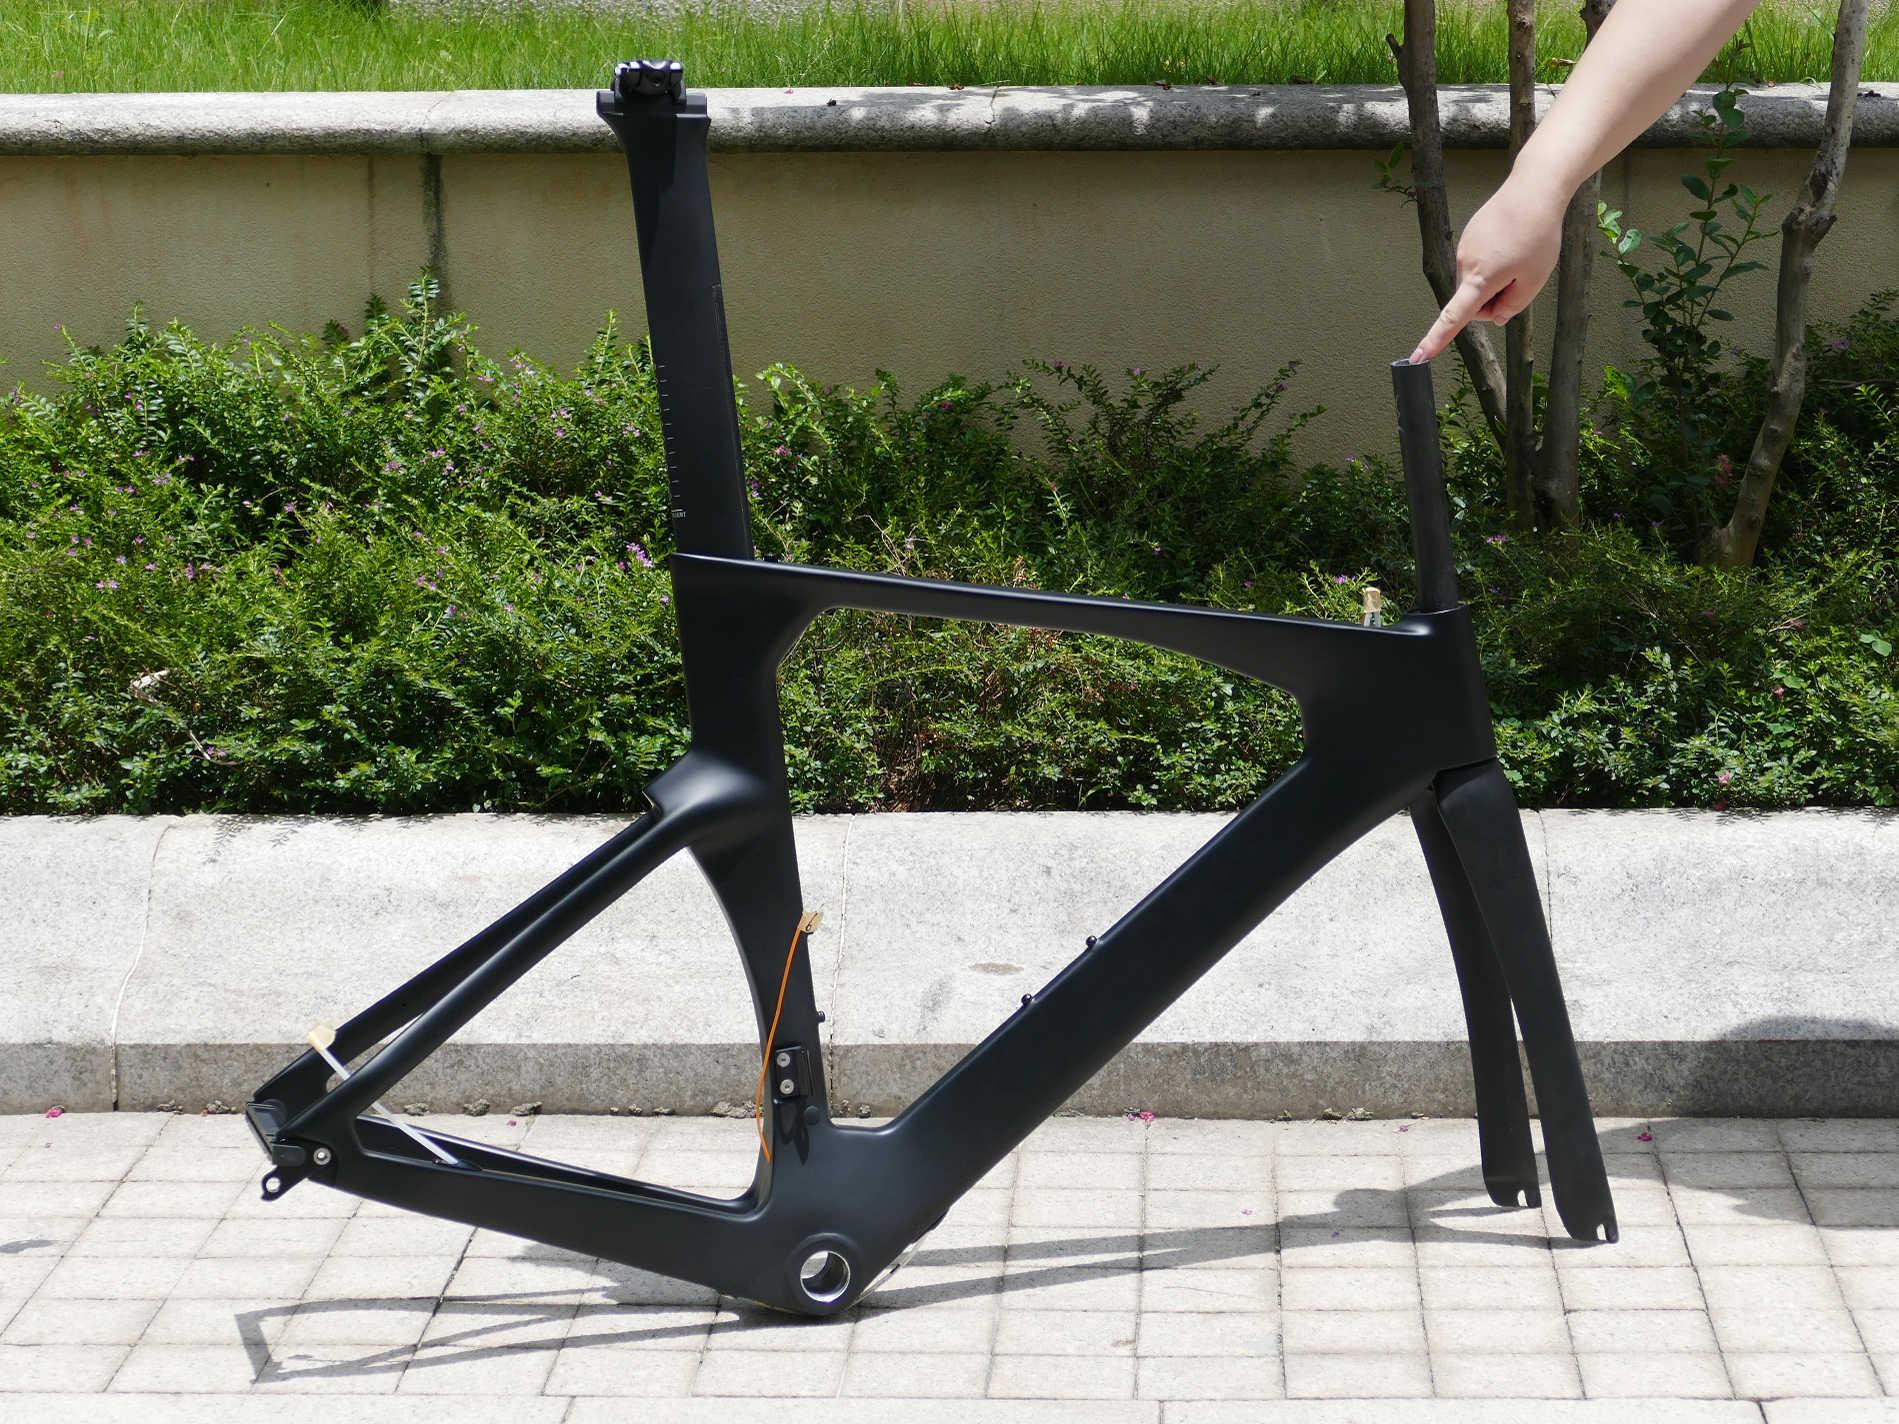 """Marco de bicicleta de carretera 2019 """"Full Carbon UD Matt TT carreras Aero TT camino de carbono bicicleta marco 54cm tenedor tija de sillín"""